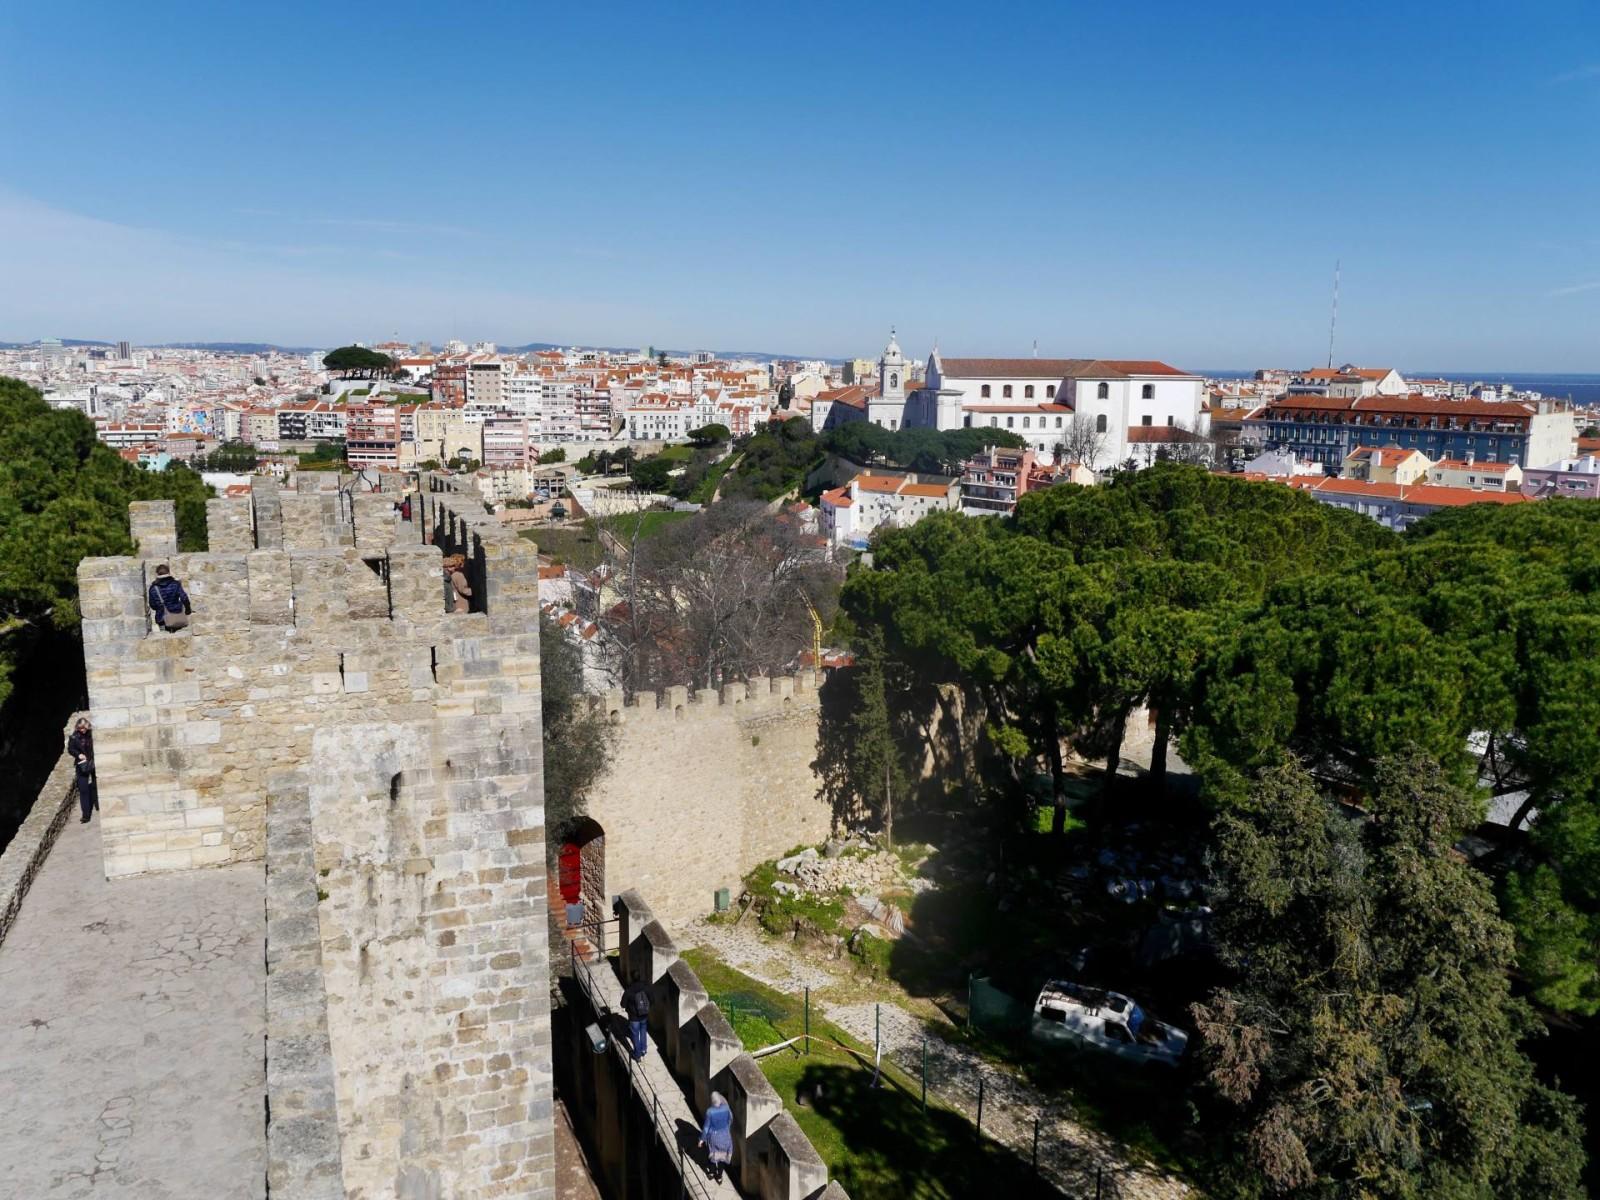 castelo-sao-jorge-lisbon2